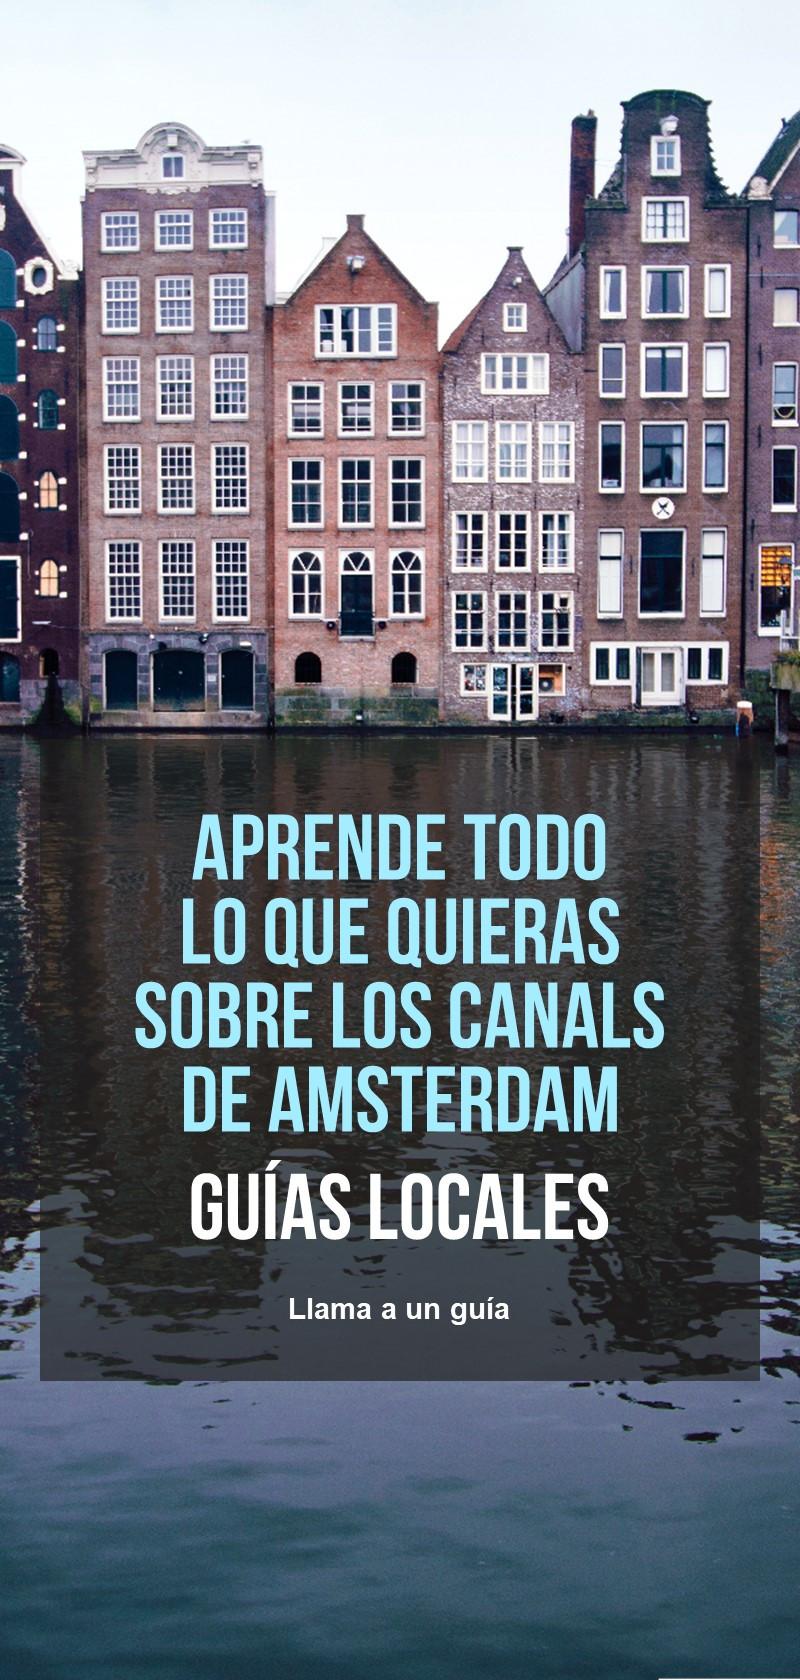 Información sobre los canales de Amsterdam